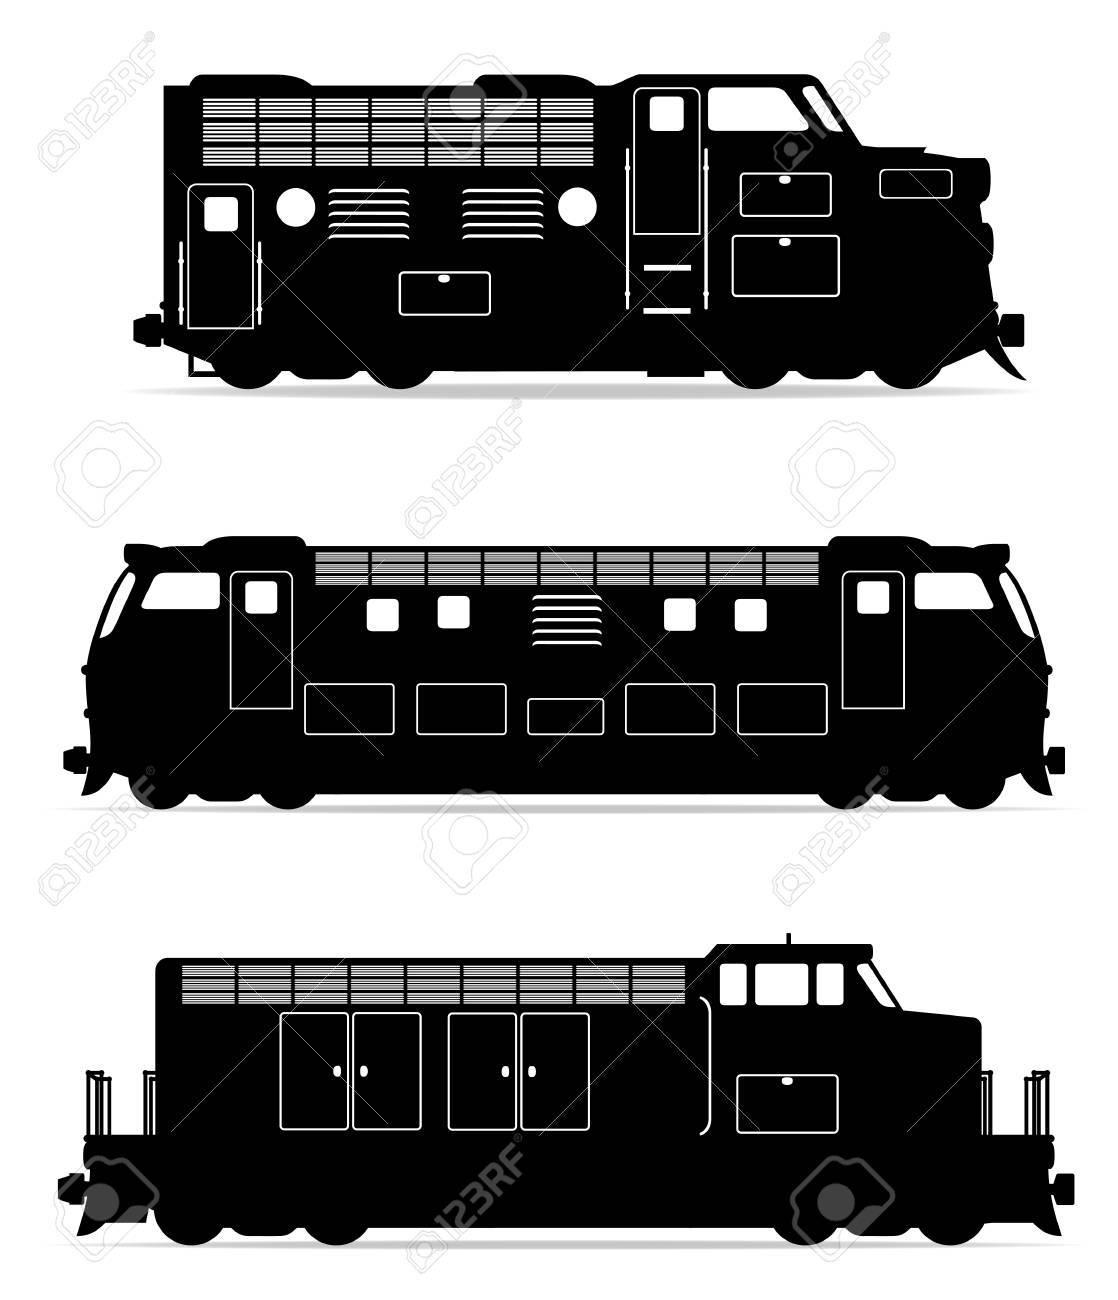 Berühmt Zug Farbseite Bilder - Druckbare Malvorlagen - amaichi.info